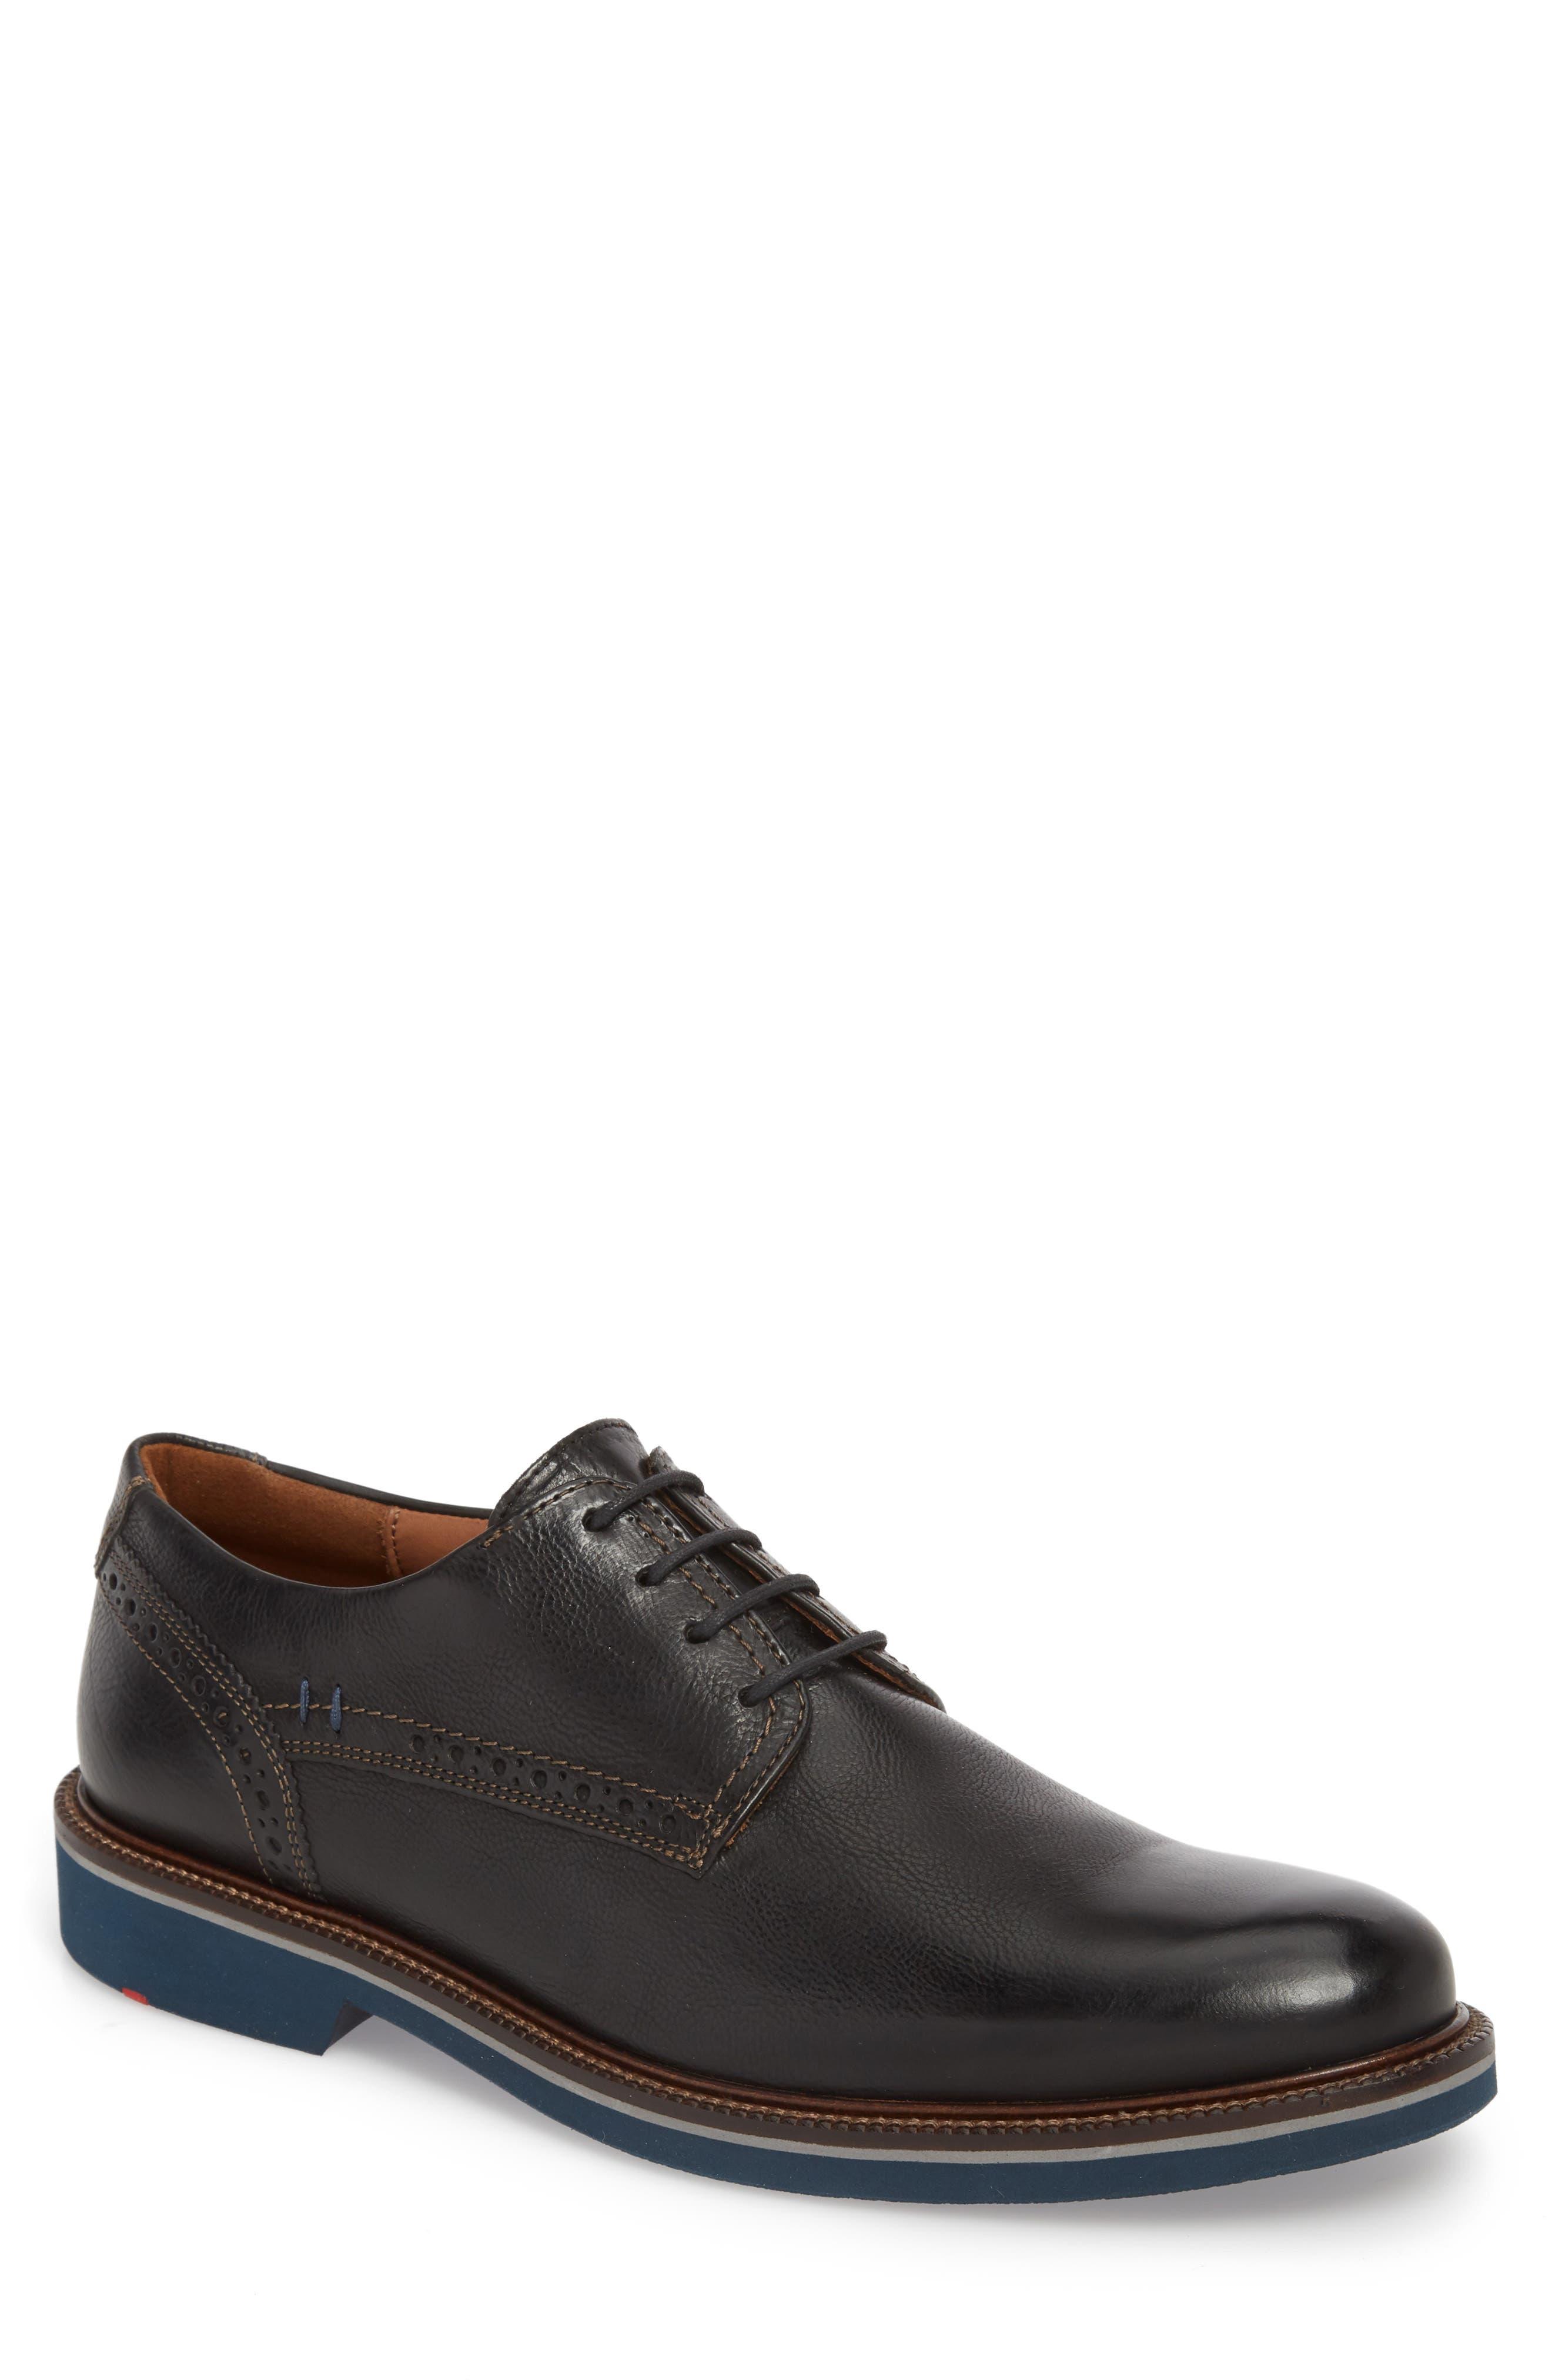 Hagen Plain Toe Derby,                             Main thumbnail 1, color,                             Black Leather